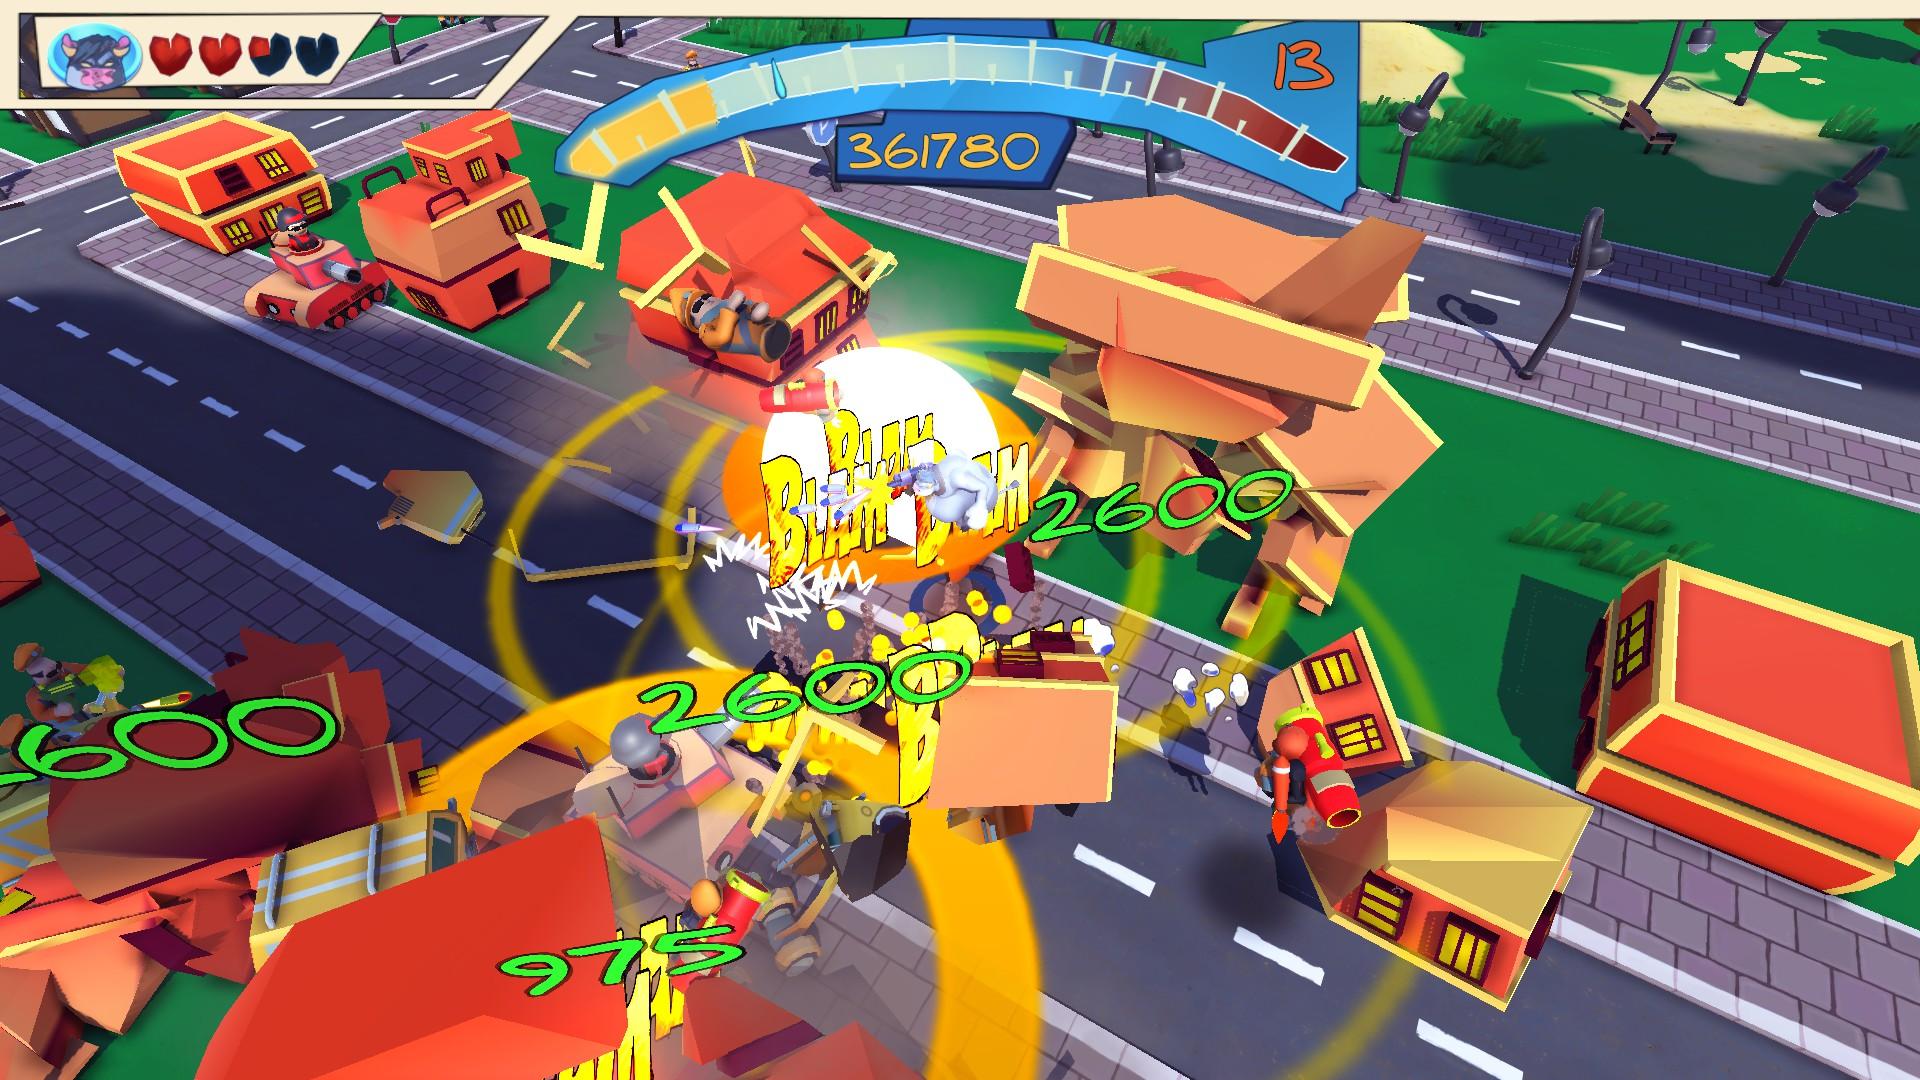 Blamdown: Udder Fury Screenshot 1